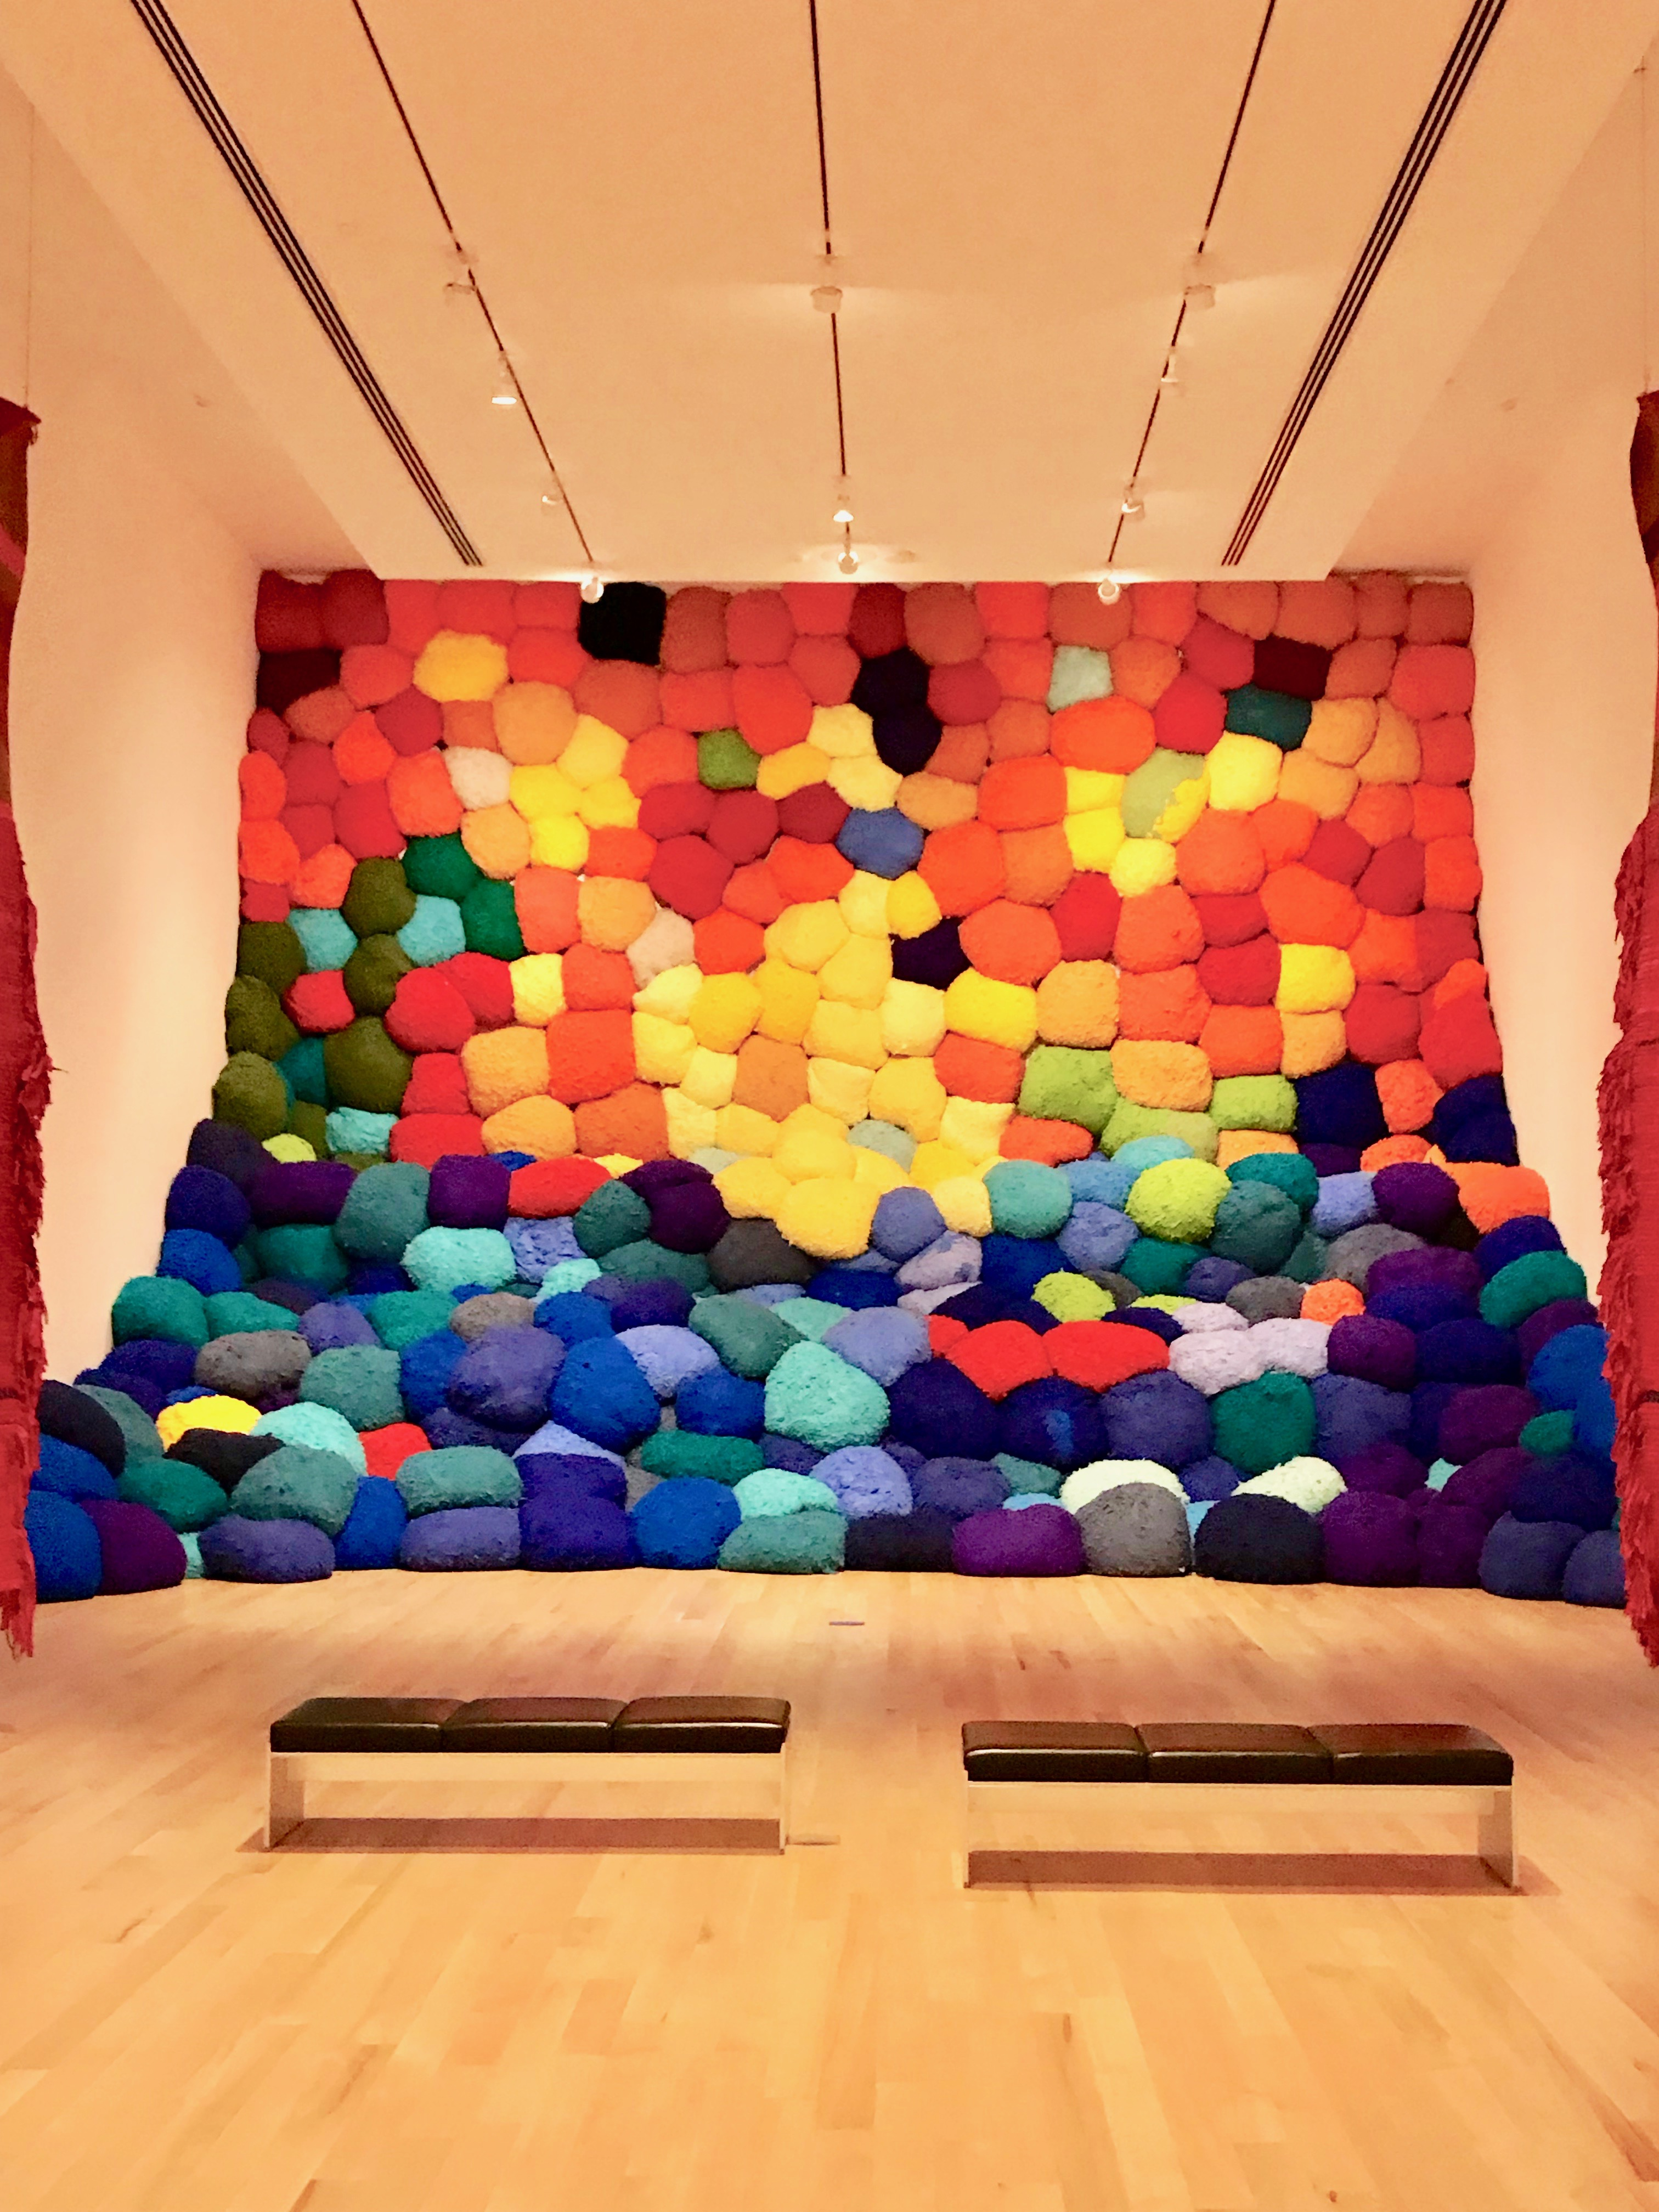 """The Bass Me impresionó la exposición """"Campo Abierto"""", de la escultora Sheila Hicks, considerada la mayor exponente del expresionismo abstracto en textiles. Una obra monumental e innovadora. 2100 Collins Avenue, Miami. Foto suministrada"""